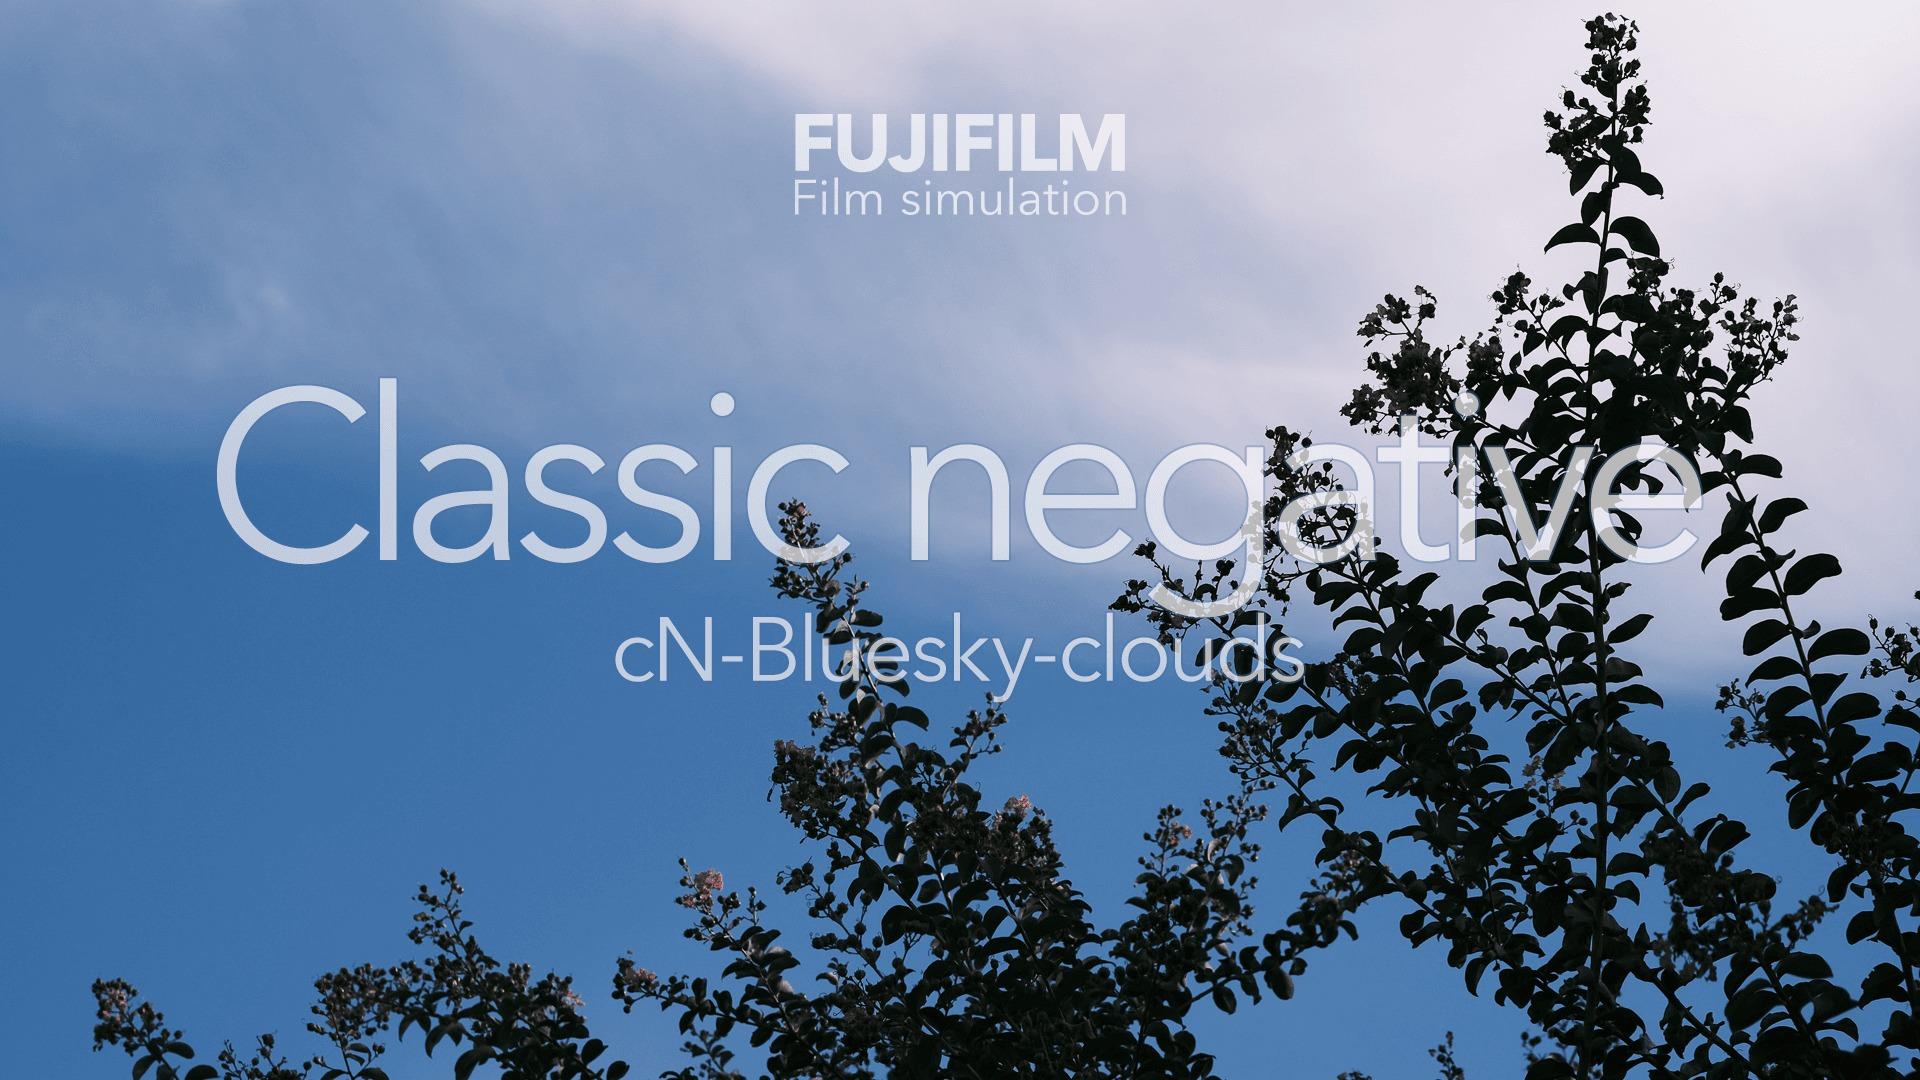 秋の夕暮れの空を表情豊かに映し出すクラシックネガ カスタム cN-Bluesky-clouds で草花写真